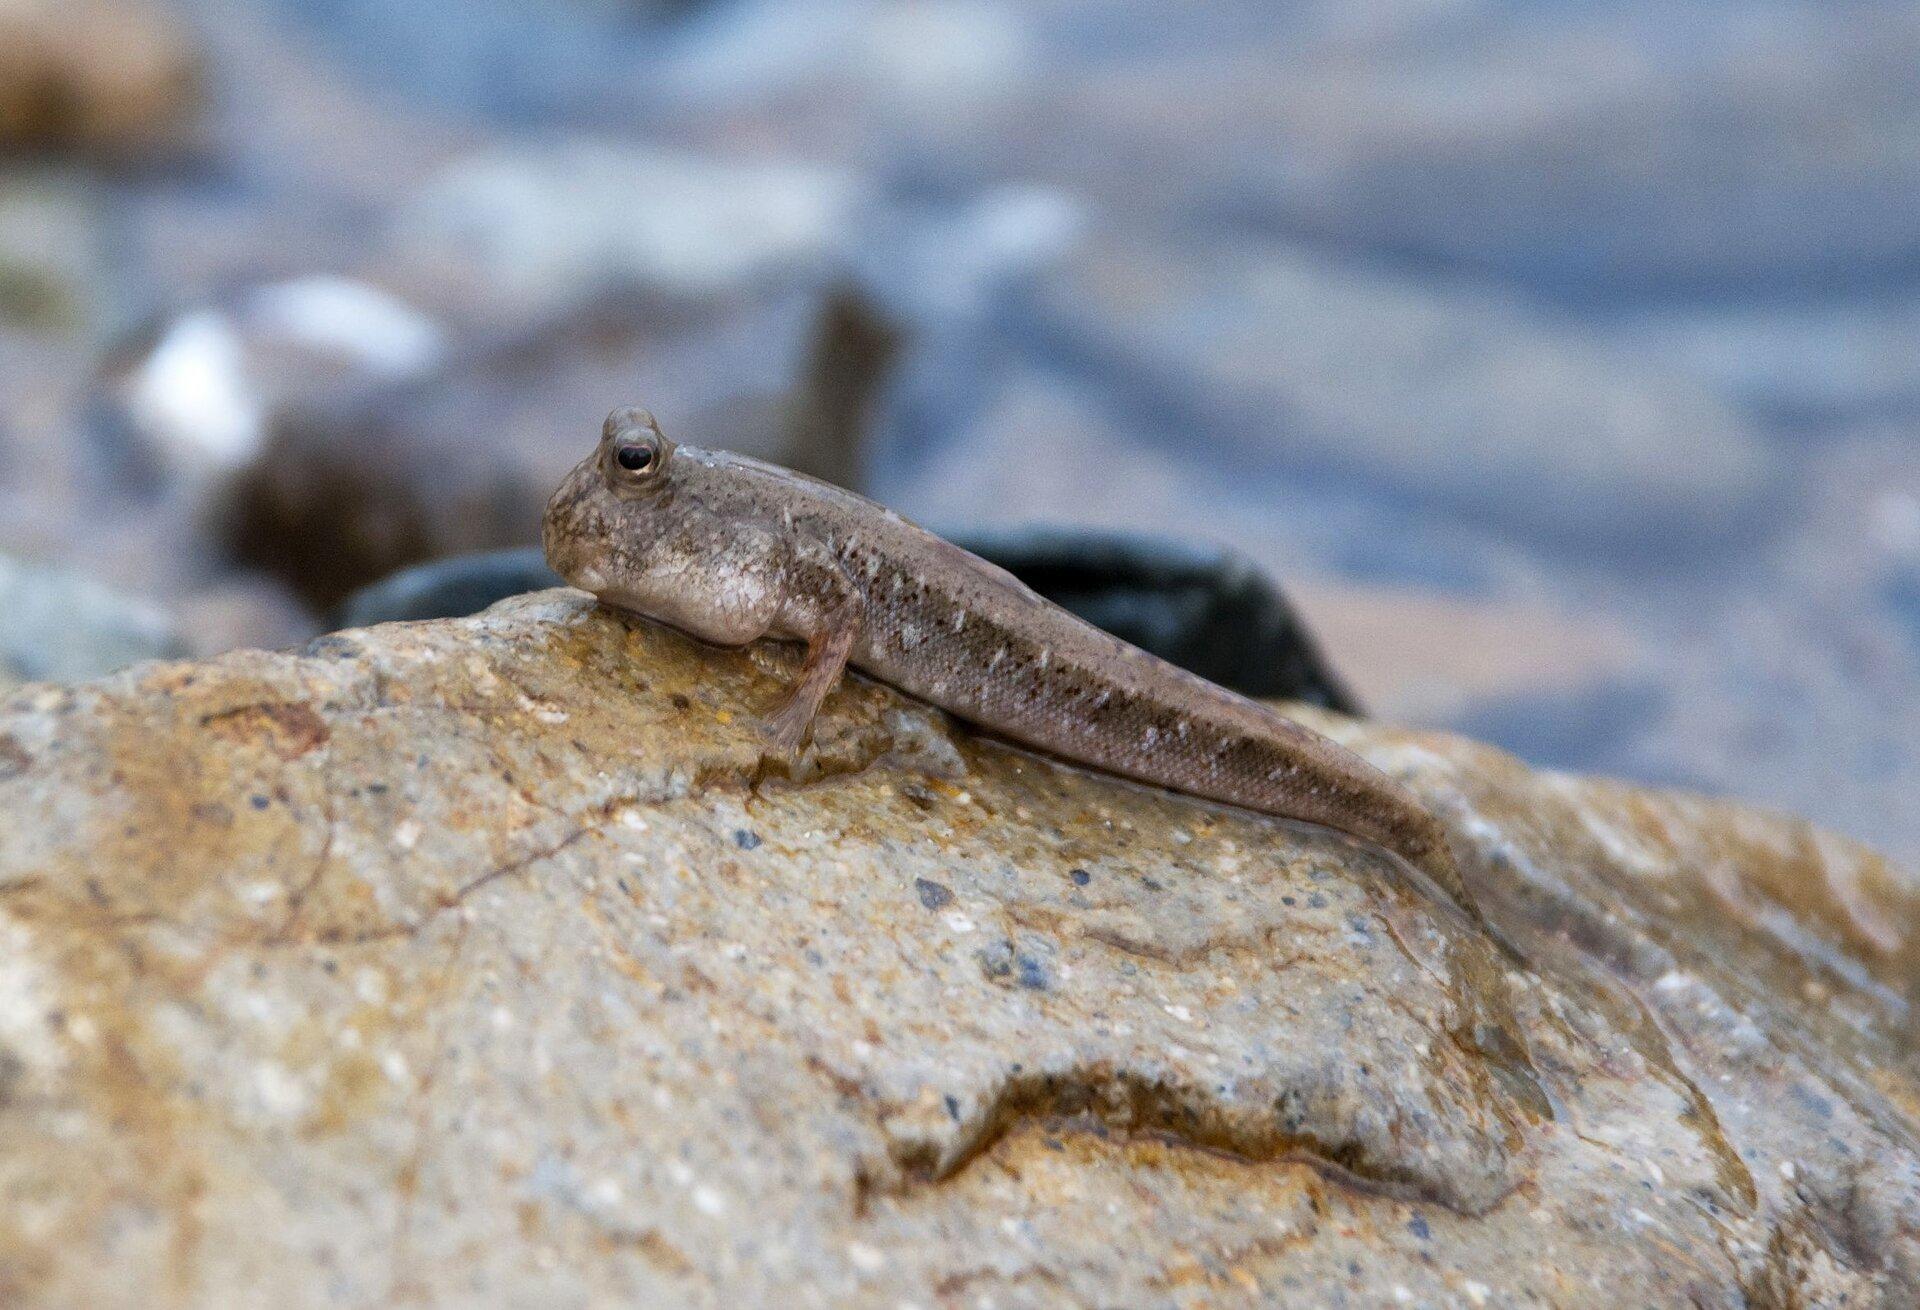 Fotografia przedstawia niewielką, smukłą rybkę, opartą płetwami ukosem na mokrym, żółto- szarym kamieniu. Poskoczek mułowy ma zprawej dużą głowę iwypukłe oczy. Ciało szarobeżowe, wbiałe iczarne plamki.